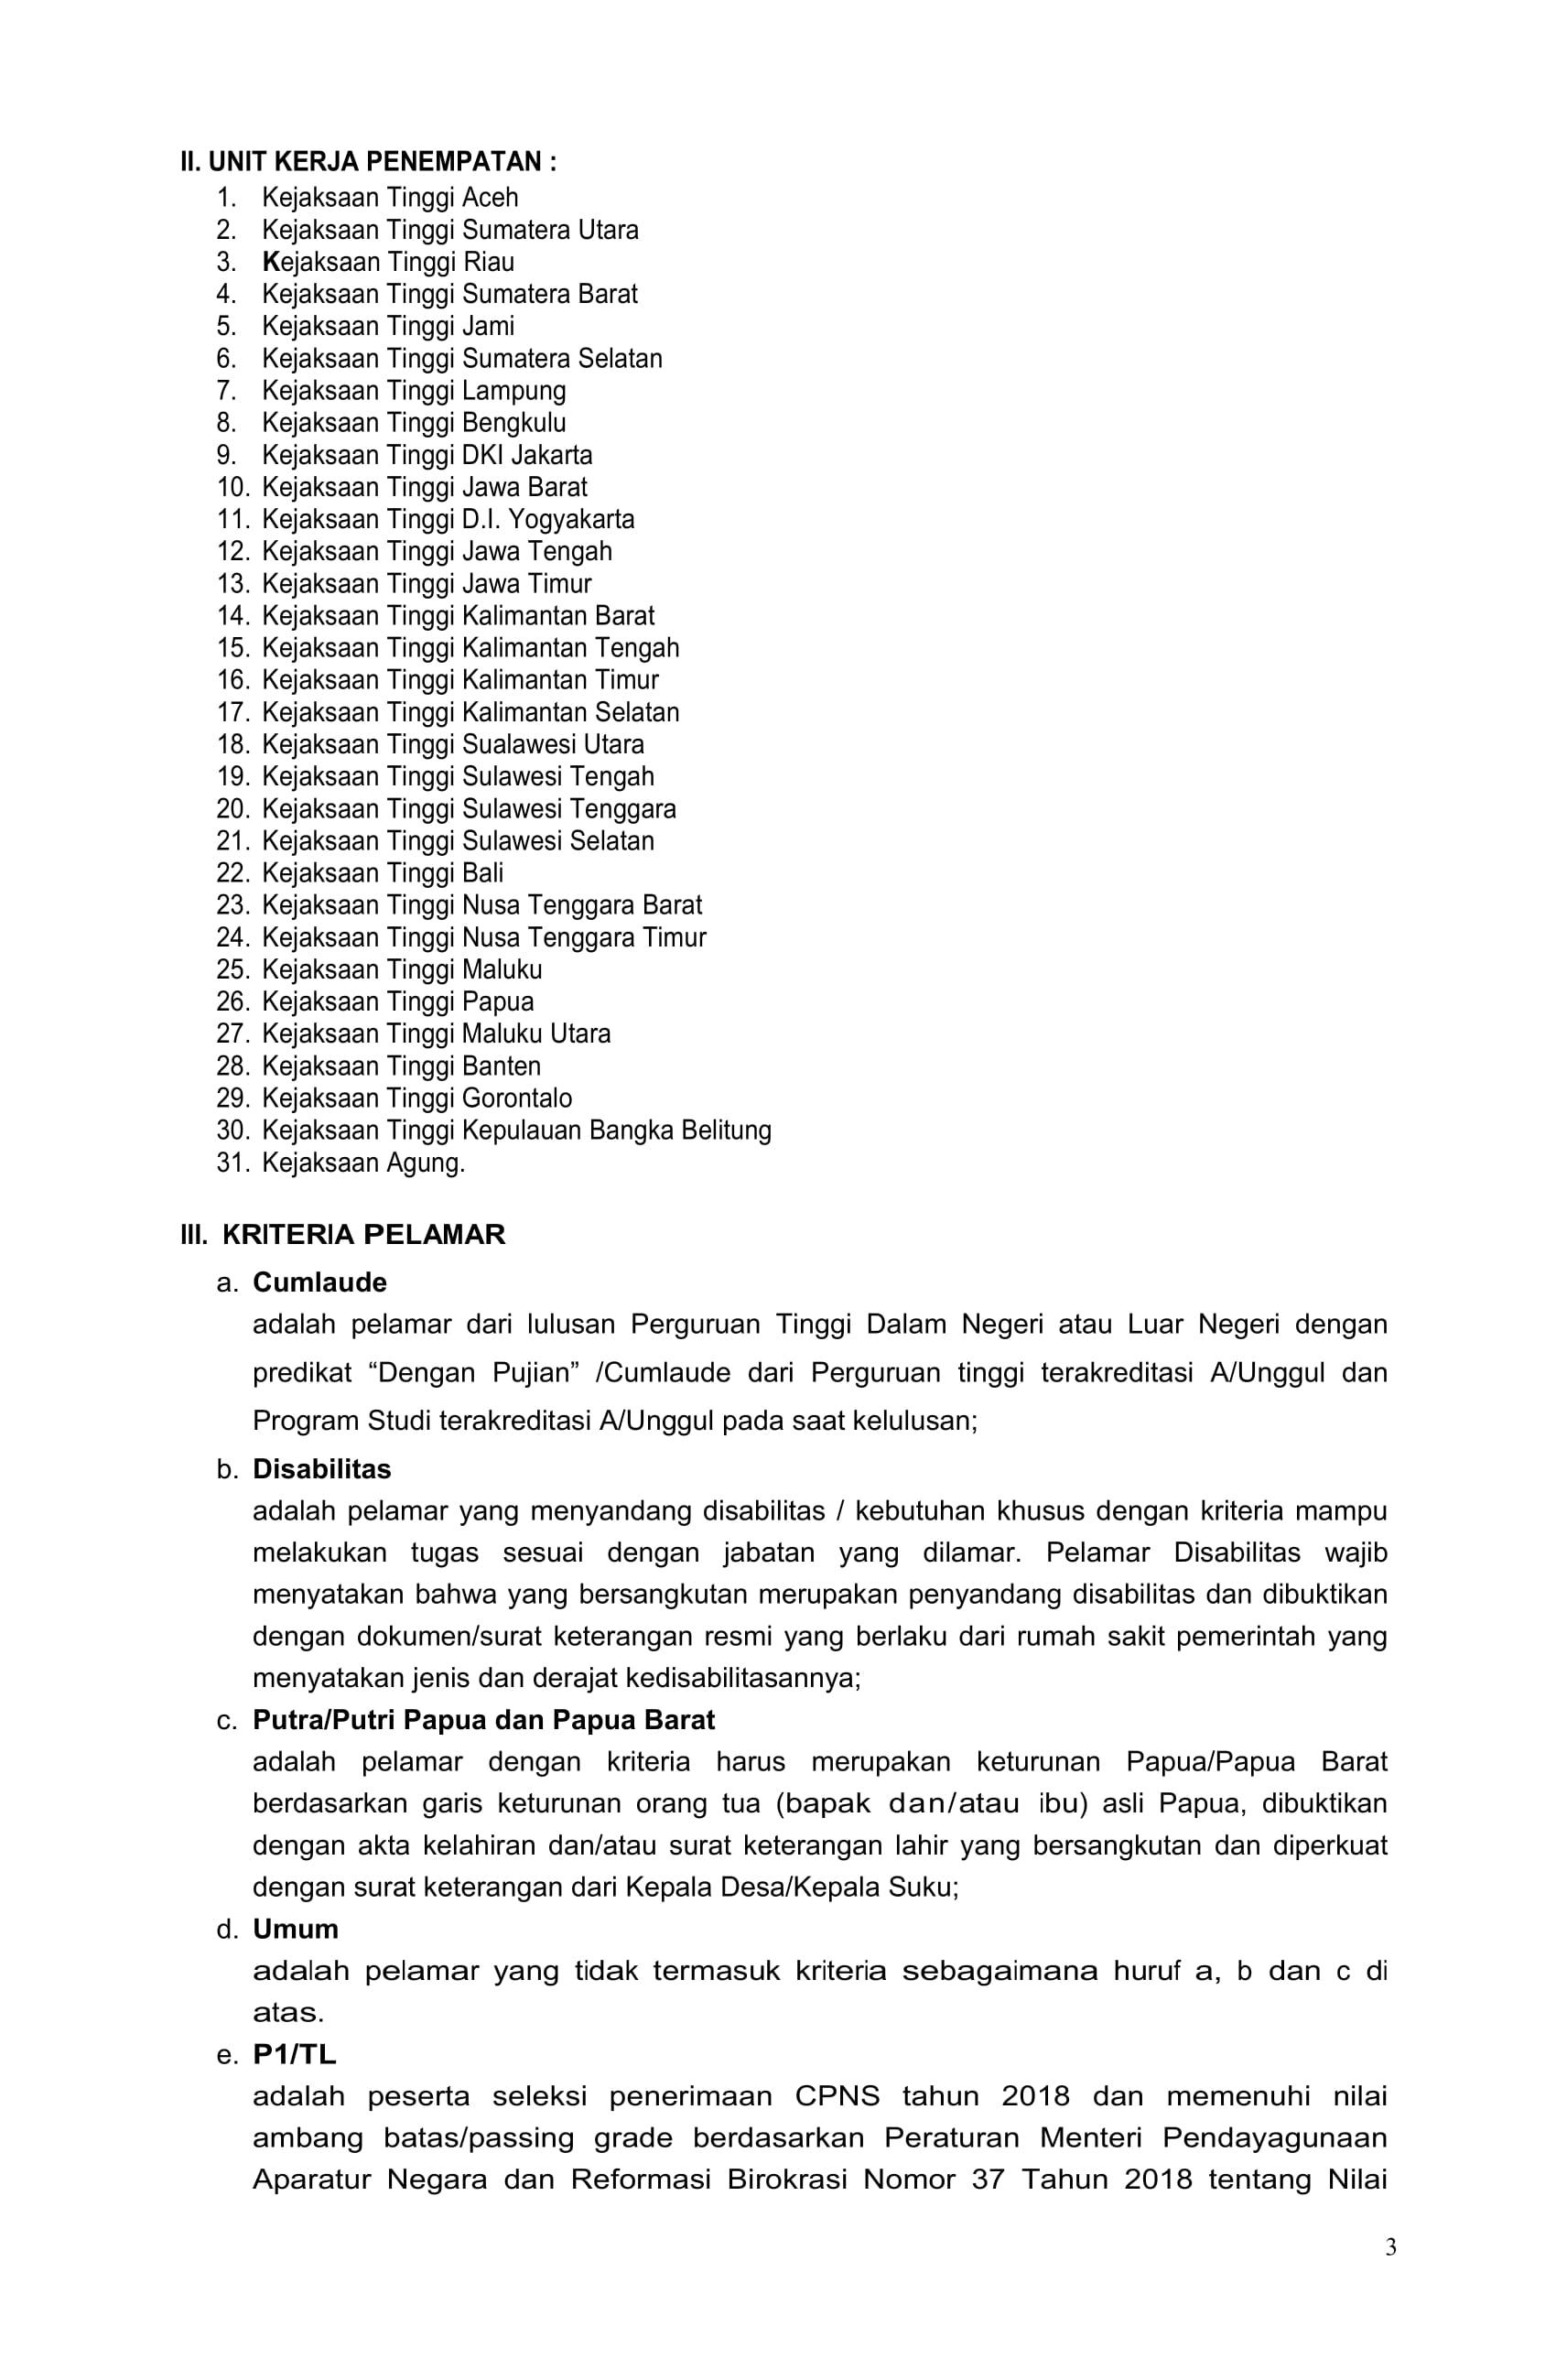 Pengumuman Pengadaan Cpns Kejaksaan Ri 2019 03 Fakultas Hukum Warmadewa